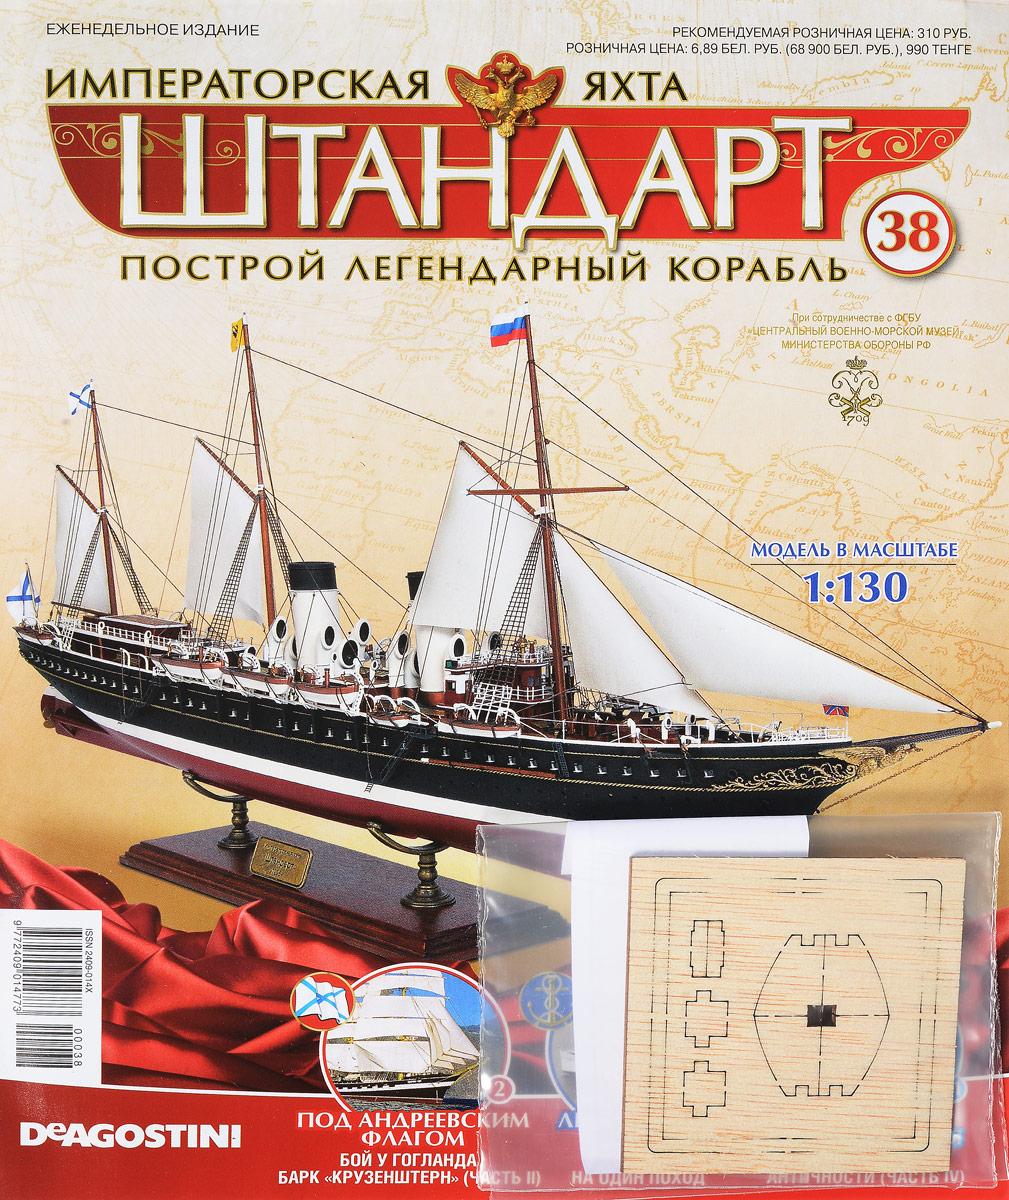 Журнал Императорская яхтаШТАНДАРТ №38